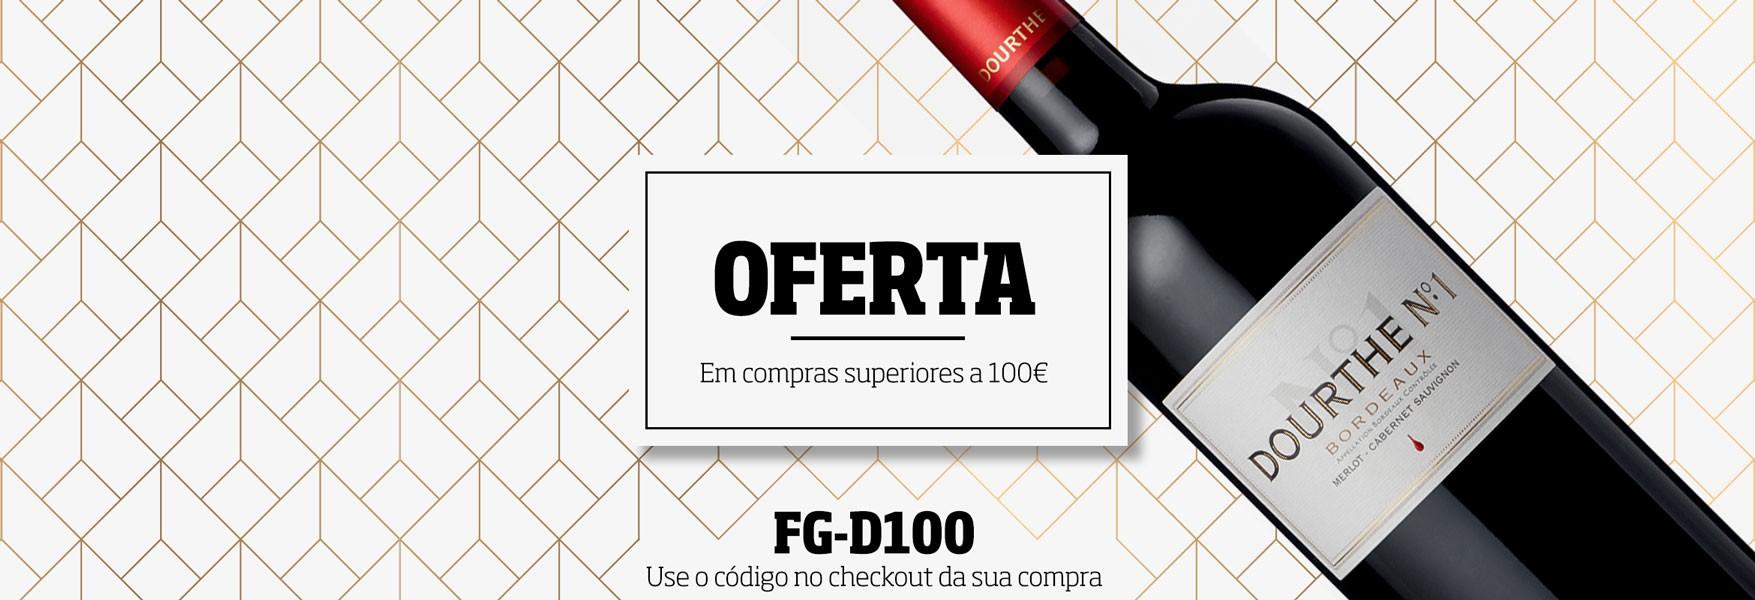 Oferta de uma garrafa de vinho Dourthe Nº1 em compras de valor superior a 100€. Não perca esta oportunidade!